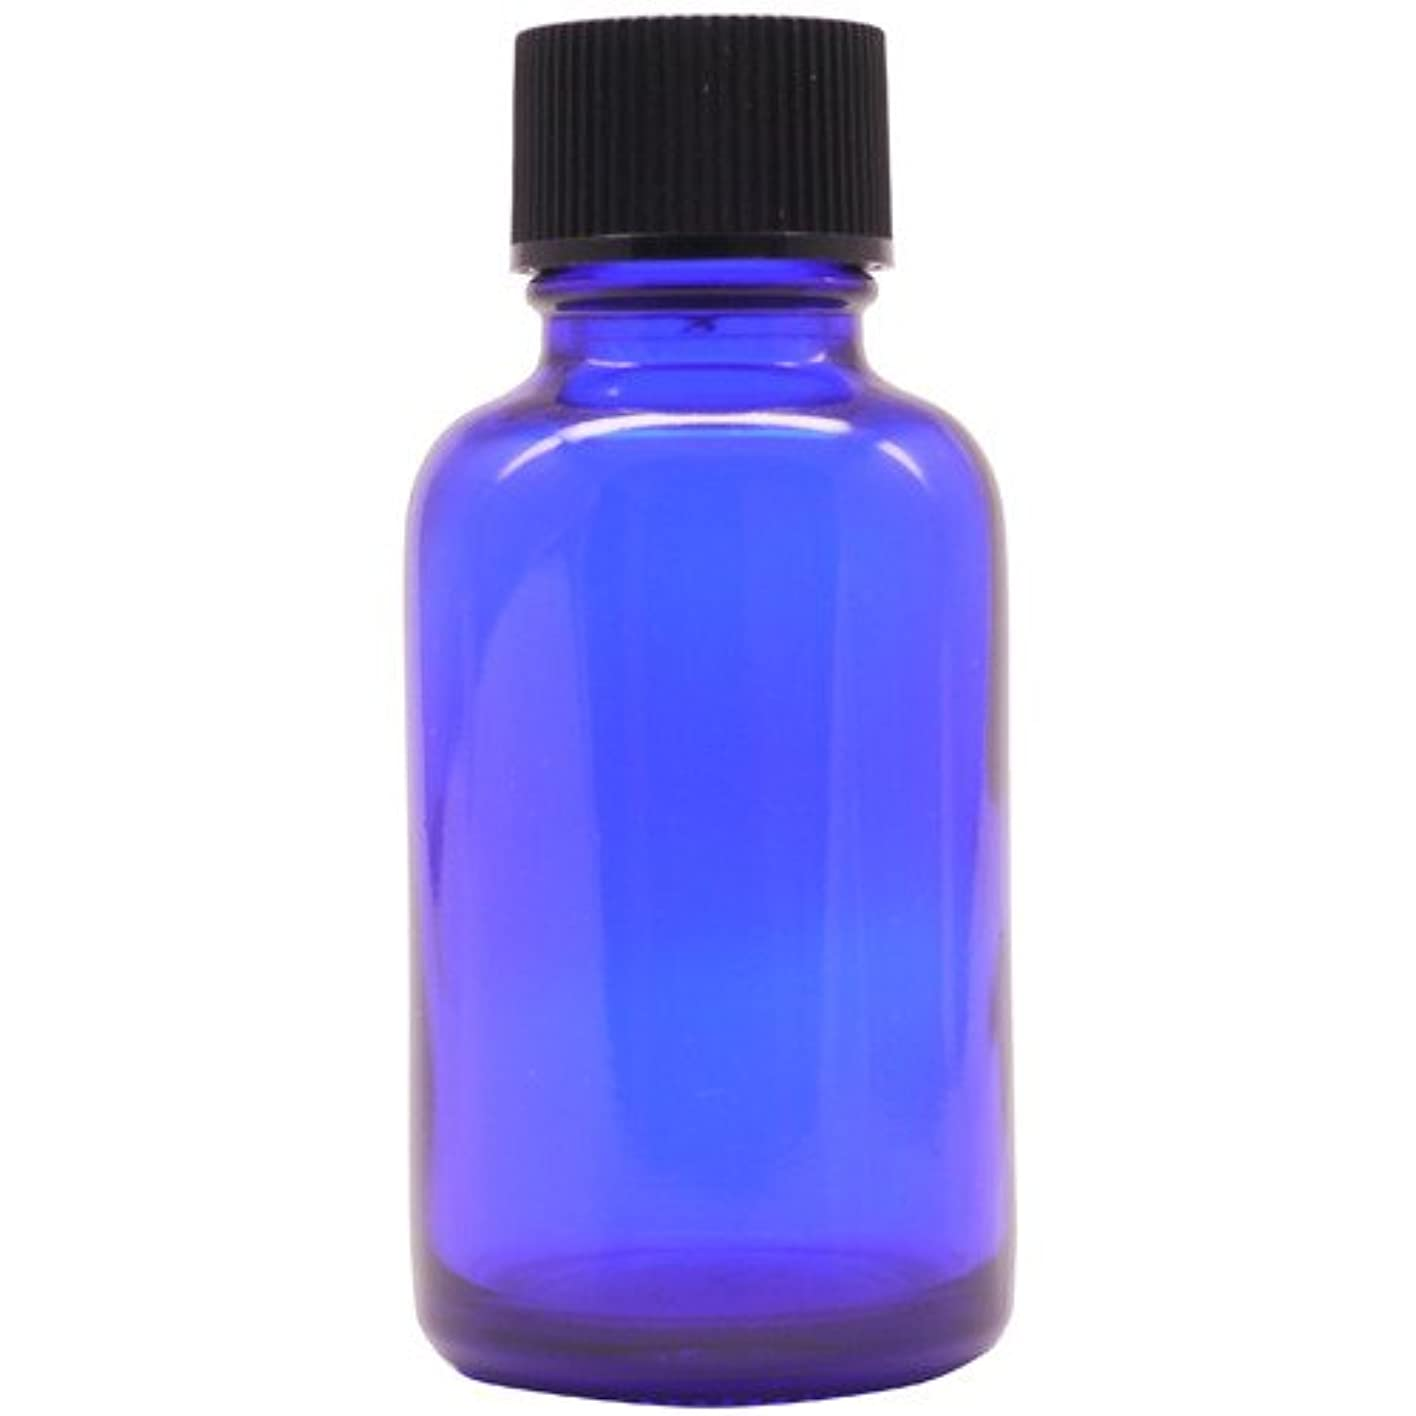 突き刺すお酢町アロマアンドライフ (D)ブルー瓶ドロップ栓30ml 3本セット